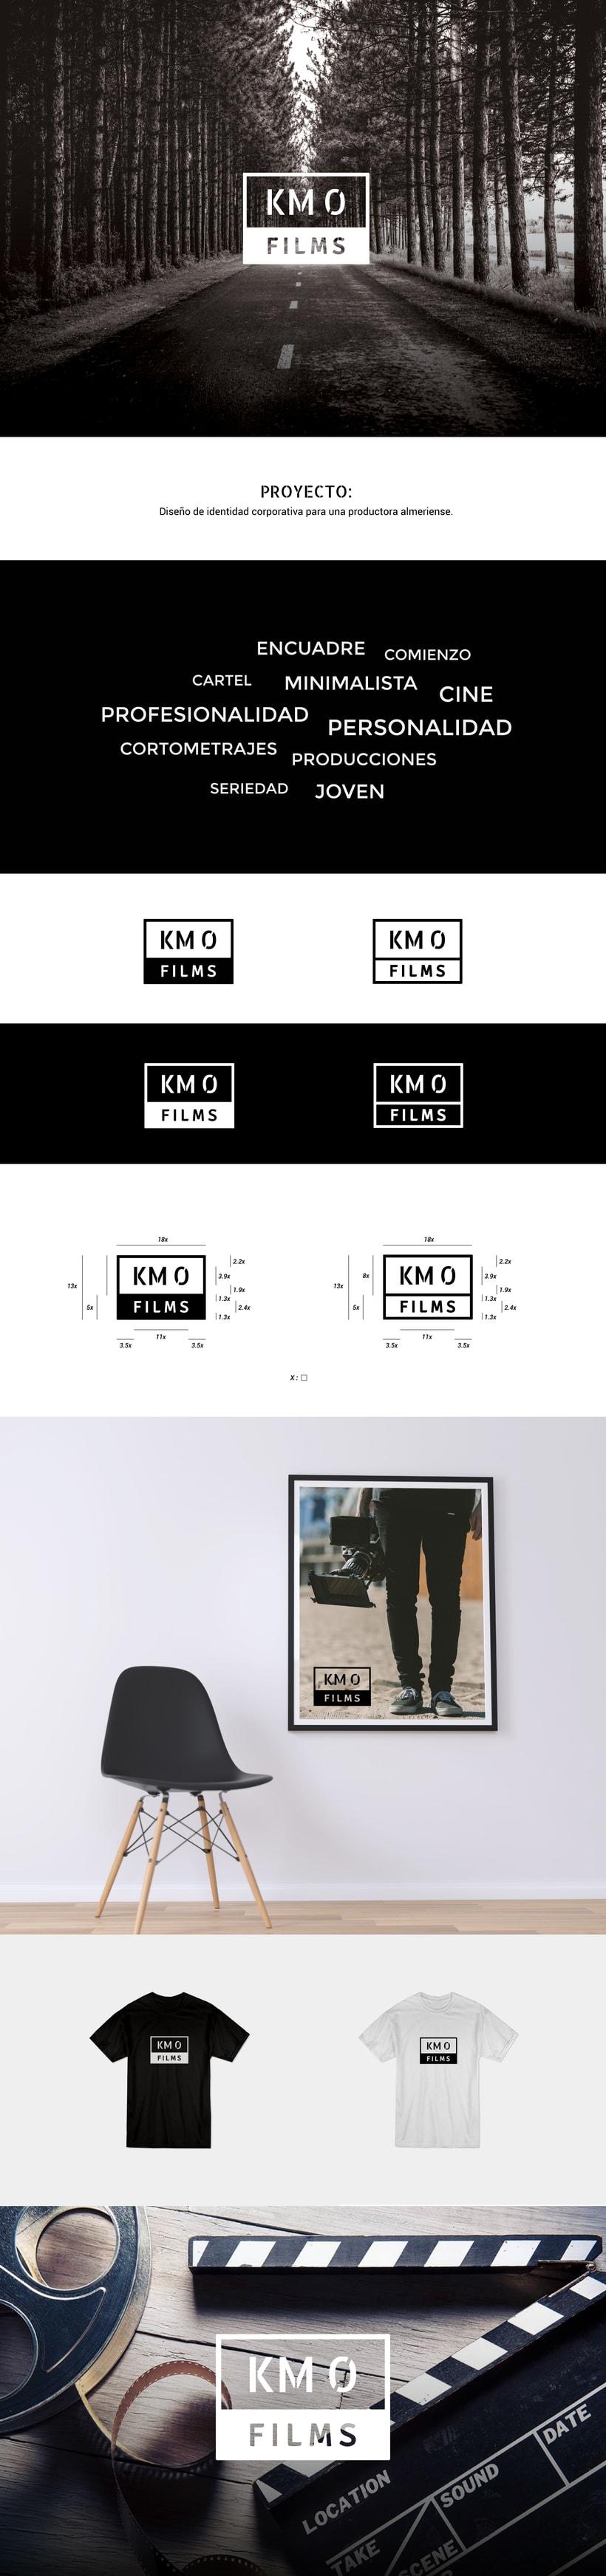 Diseño de identidad corporativa KM0 FILMS 0